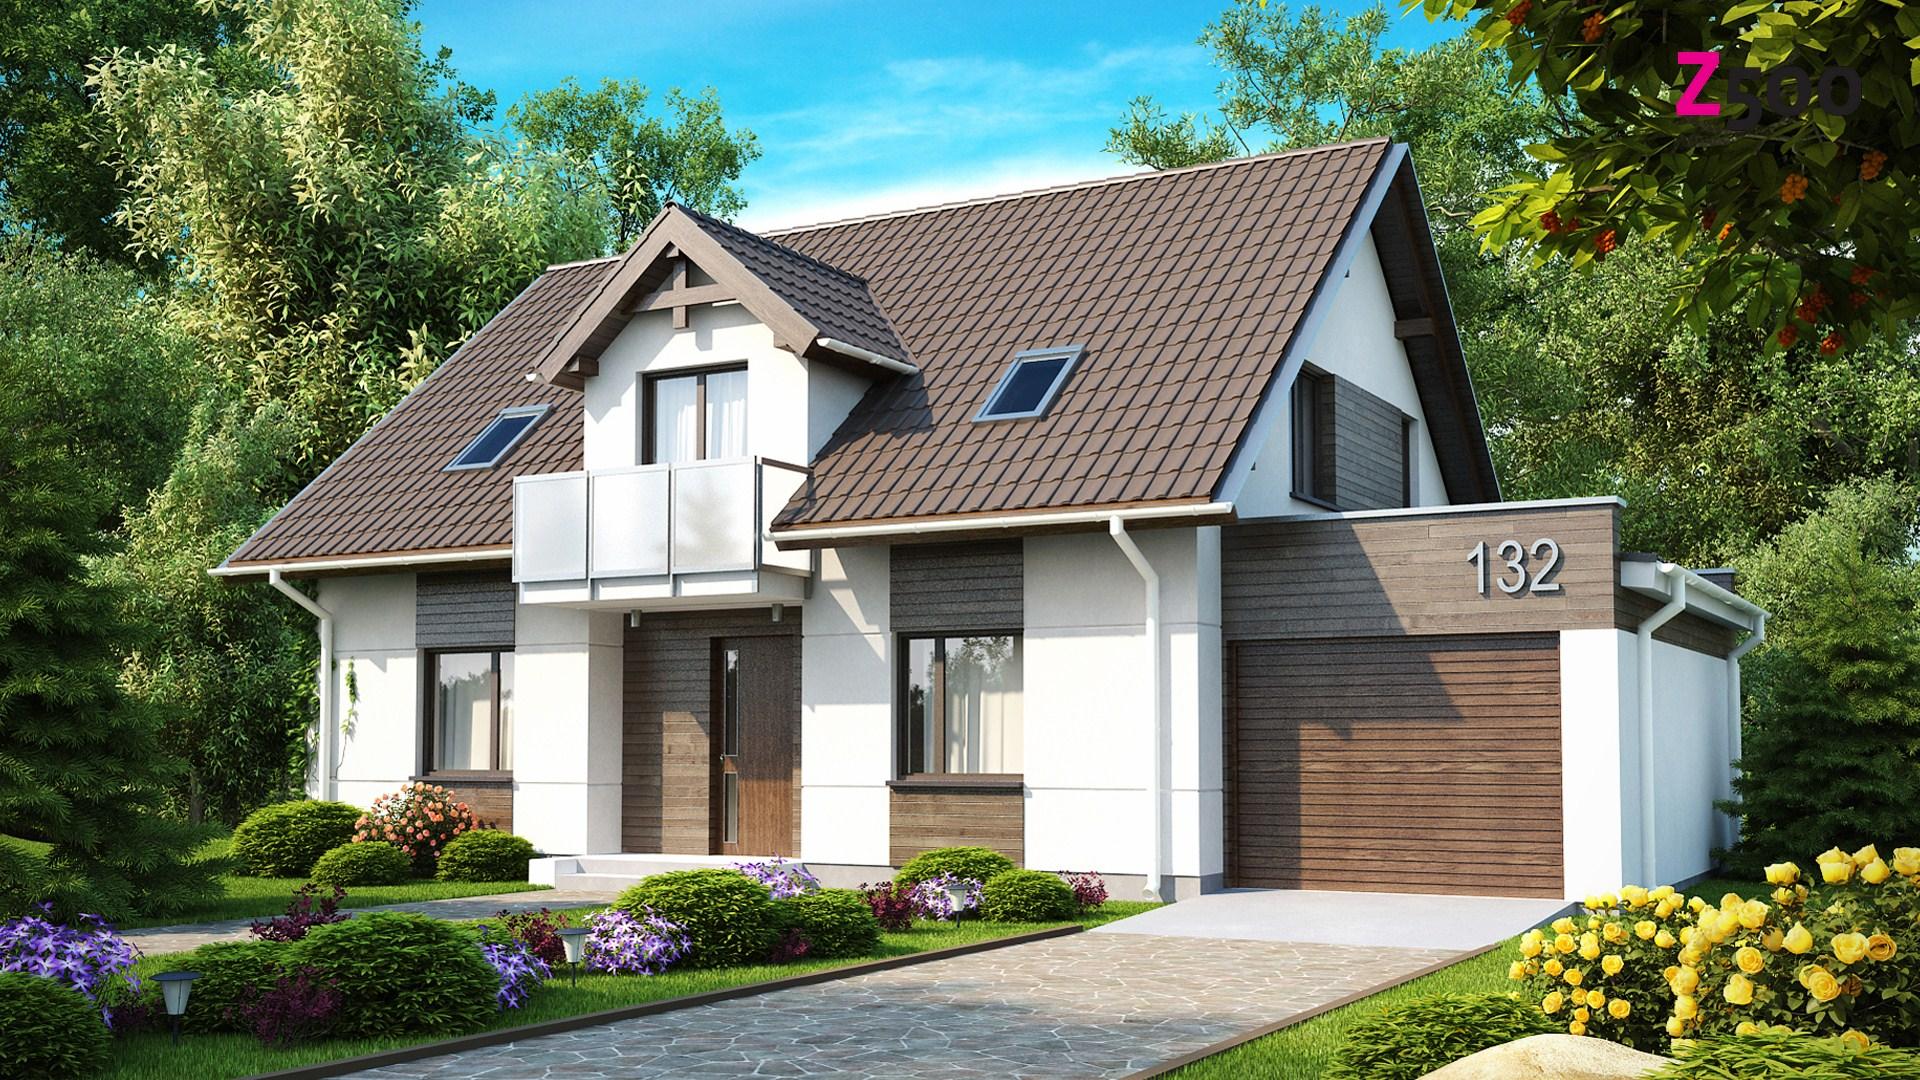 Проект дома z132: одноэтажный дом с двускатной крышей мансар.